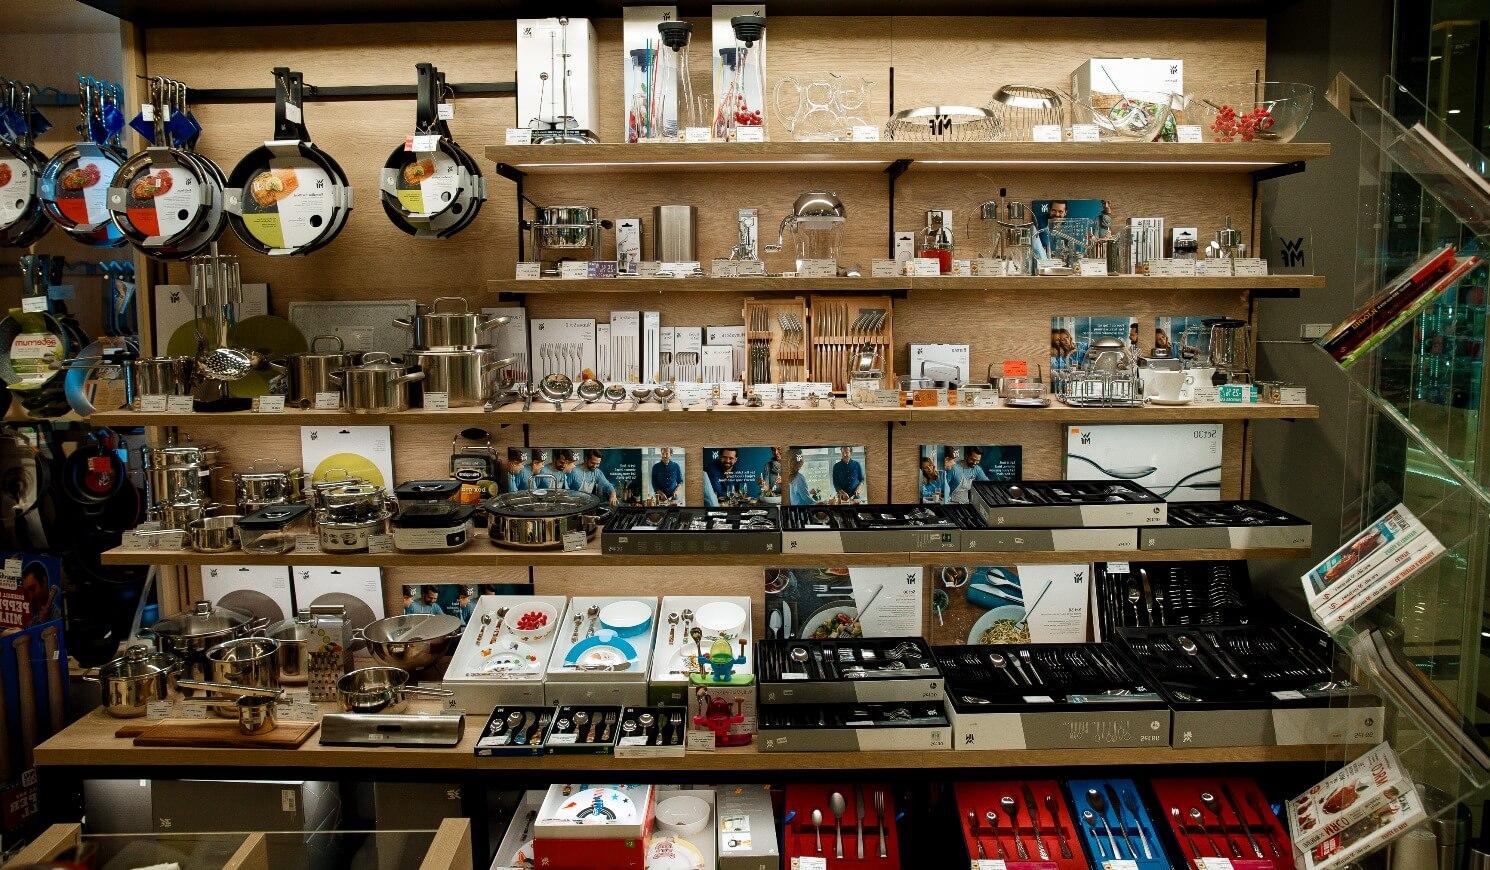 Емкость с крышкой для продуктов 21х13 см WMF Depot Fresh, прозрачный с серым WMF 06 5991 6630 фото 5